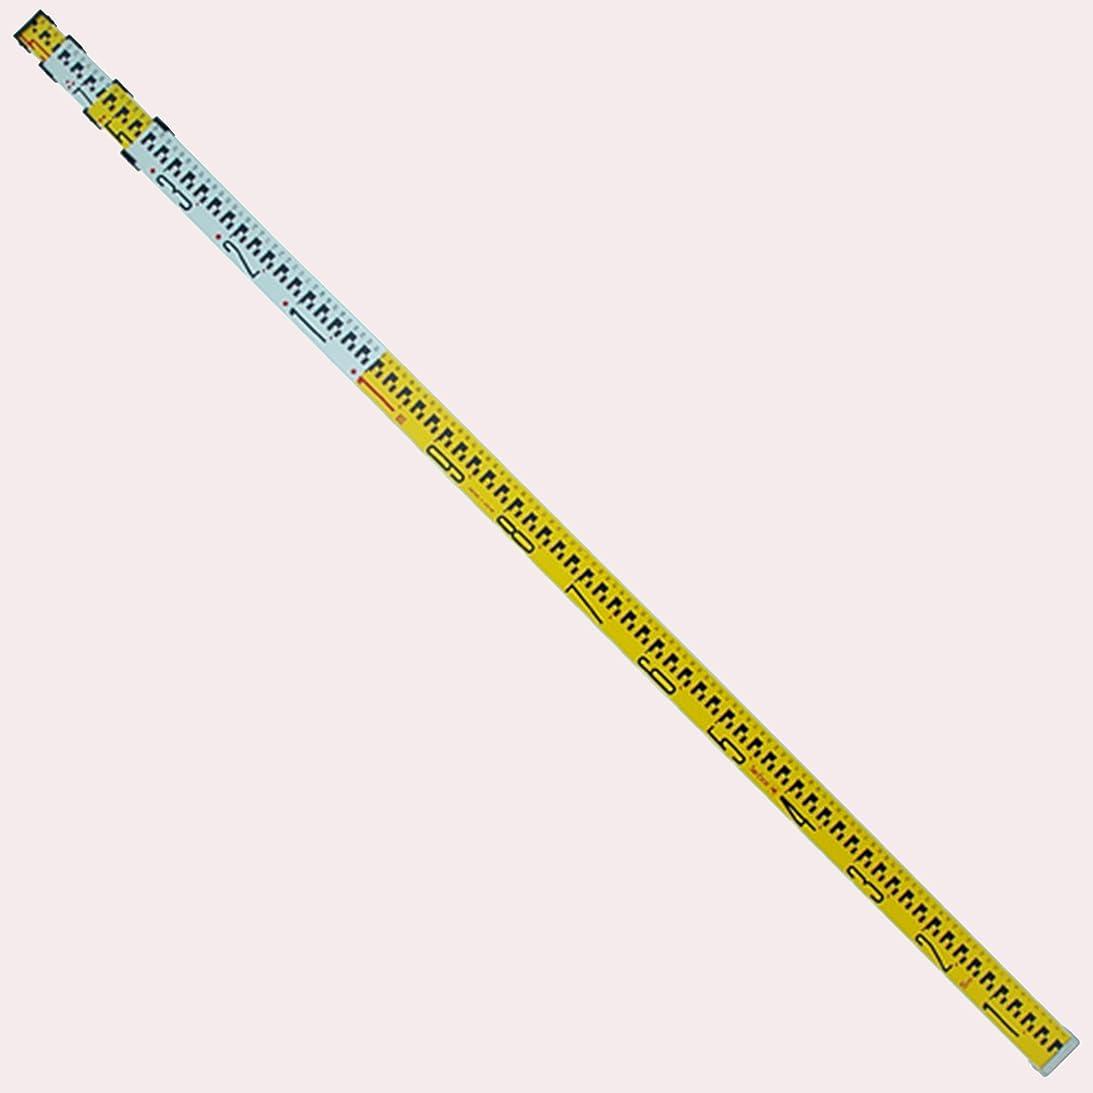 どきどきできない自己シンワ測定 アルミスタッフ アルミ合金製 5m 4段 76930